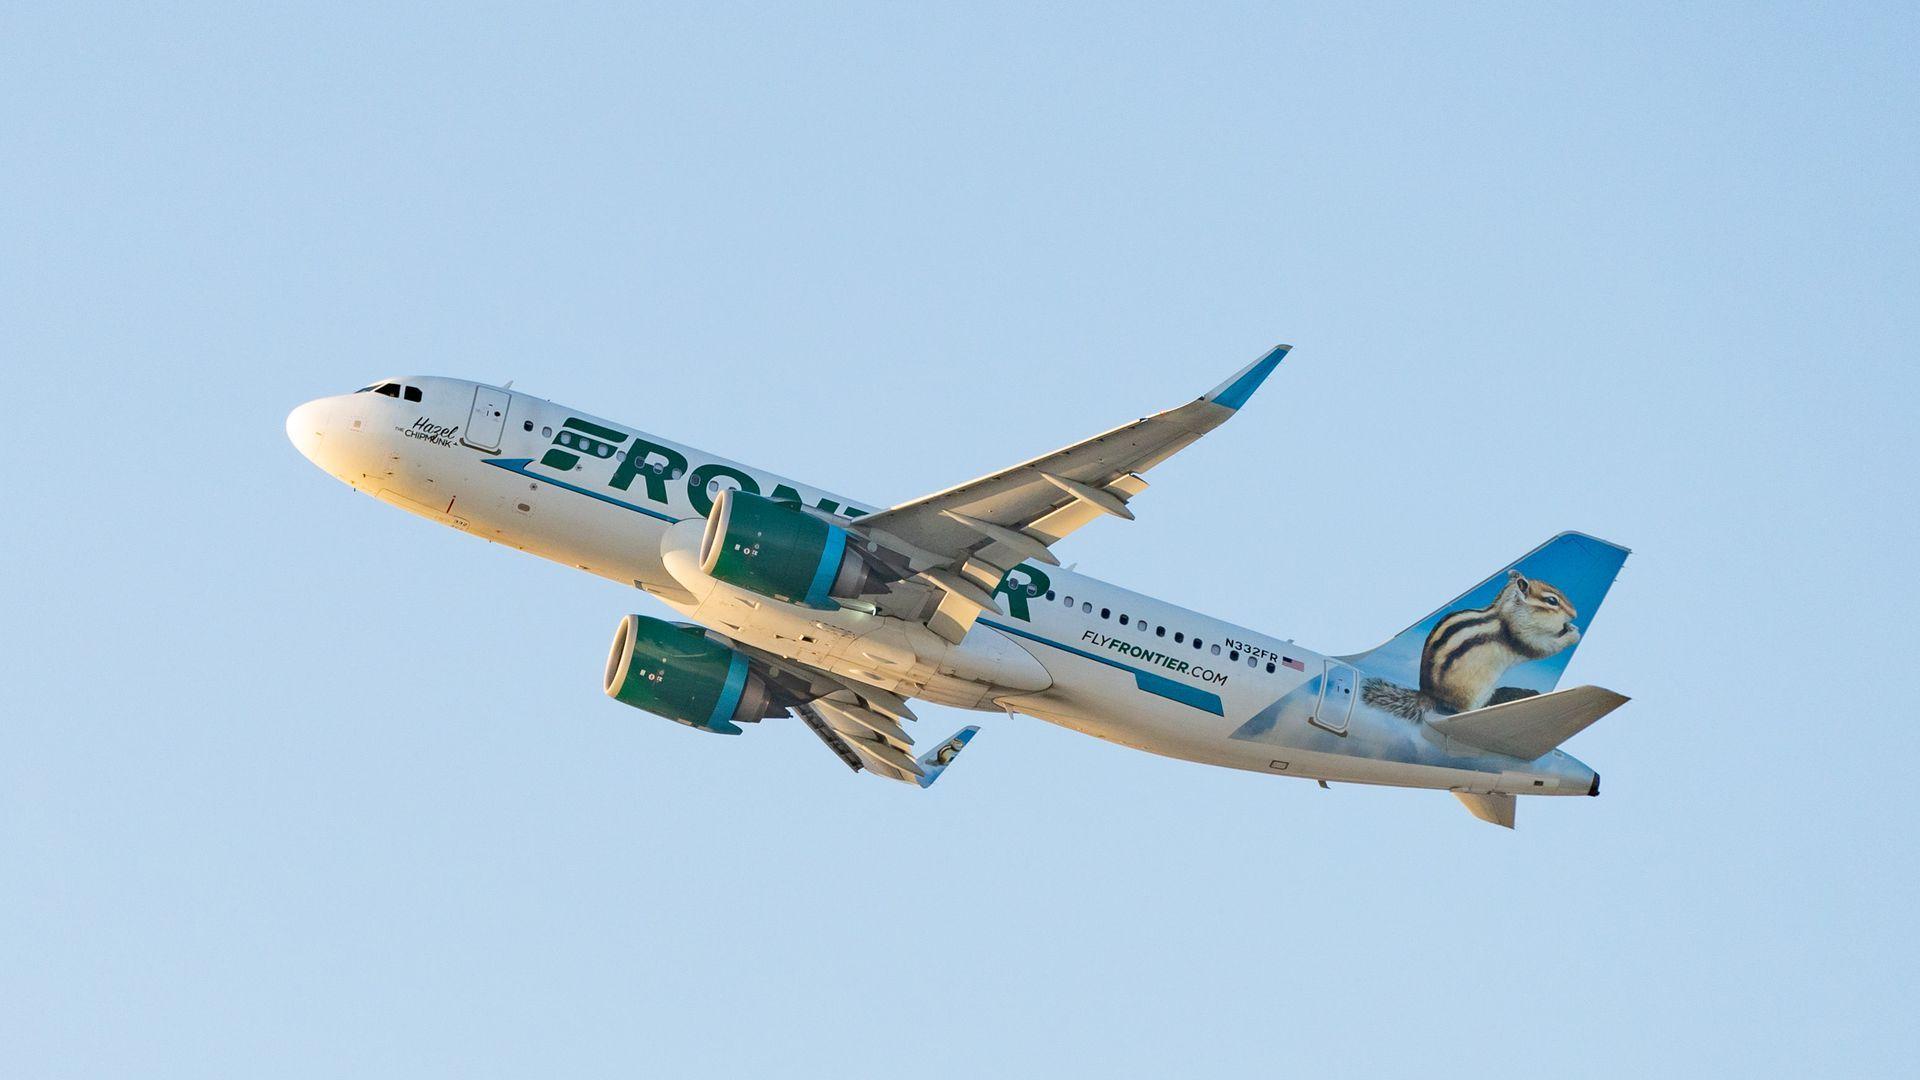 An airplane in the air